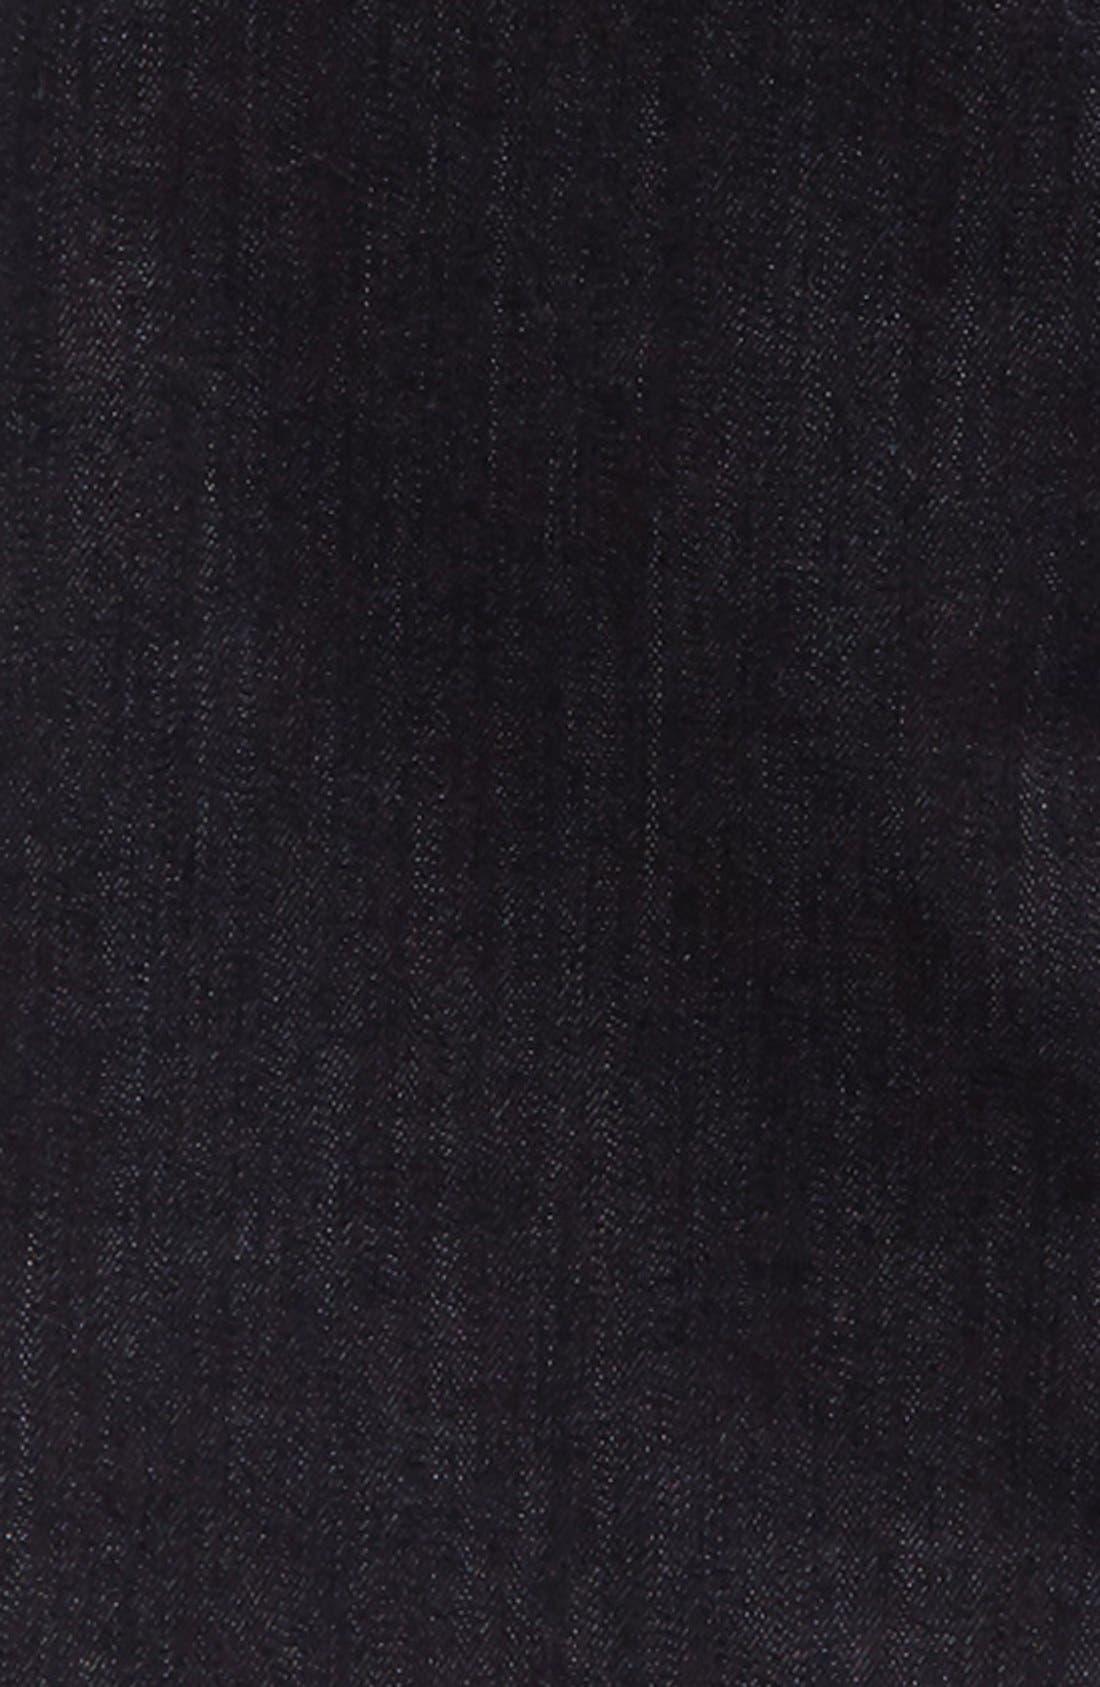 VOLCOM, 'Solver' Straight Leg Denim Jeans, Alternate thumbnail 3, color, BLUE RINSE